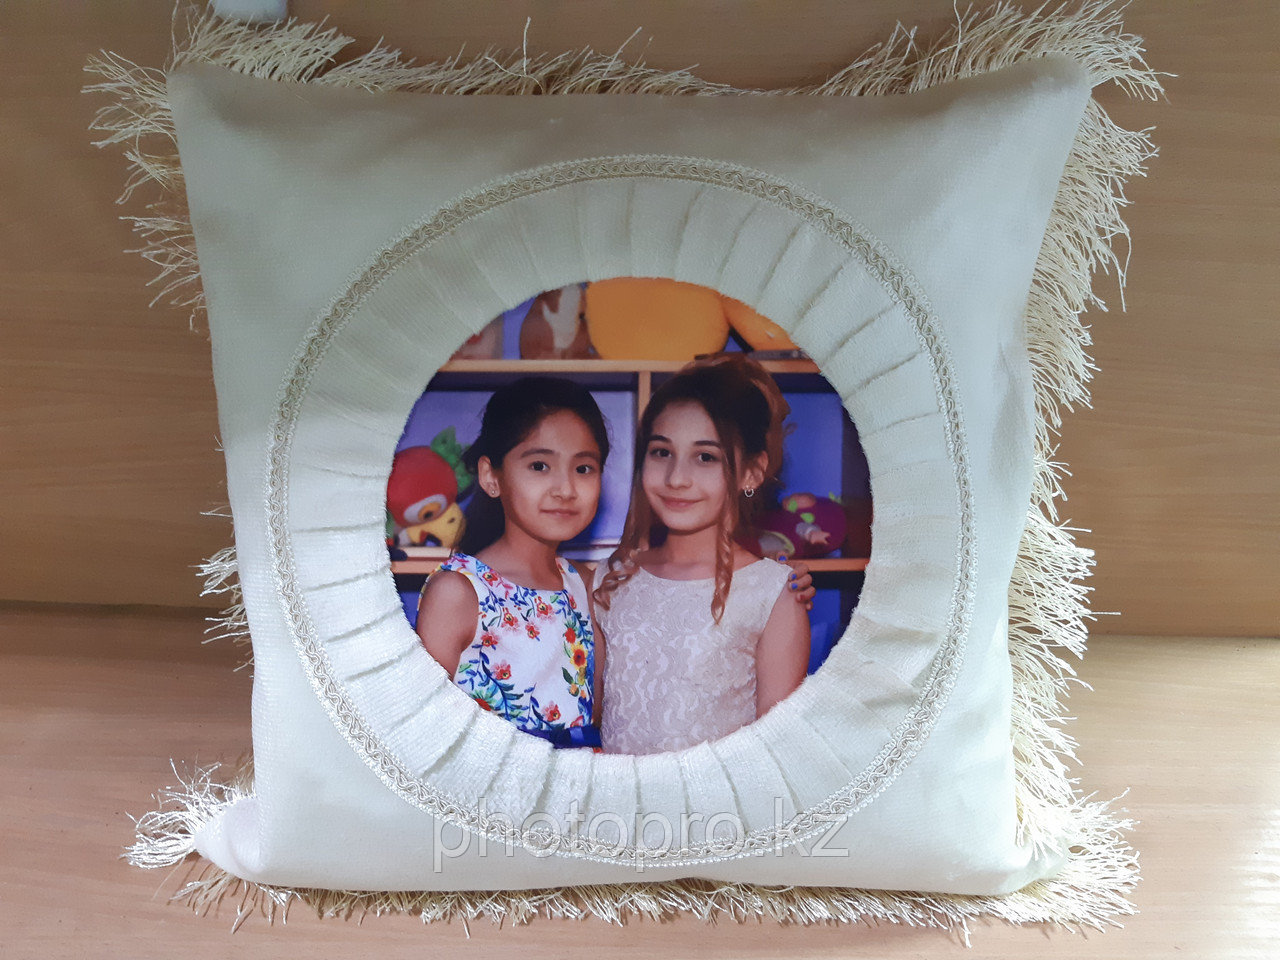 Подушка с фото. Фото на подушку